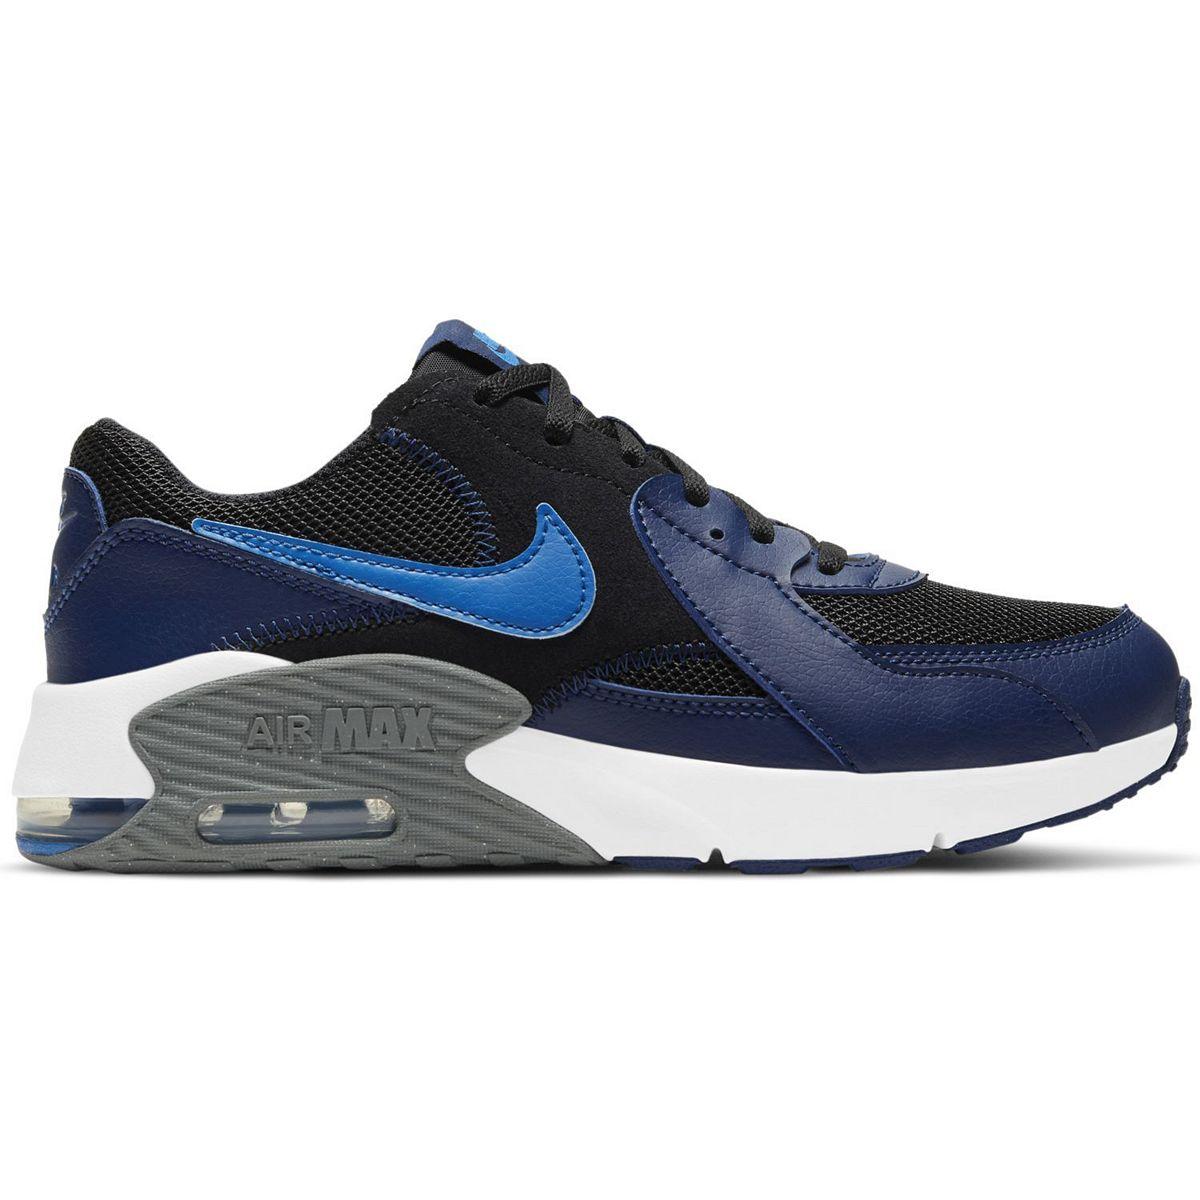 Nike: Air Max Excee Grade School Kids' Sneakers! .00 (REG .00) at Kohl's!